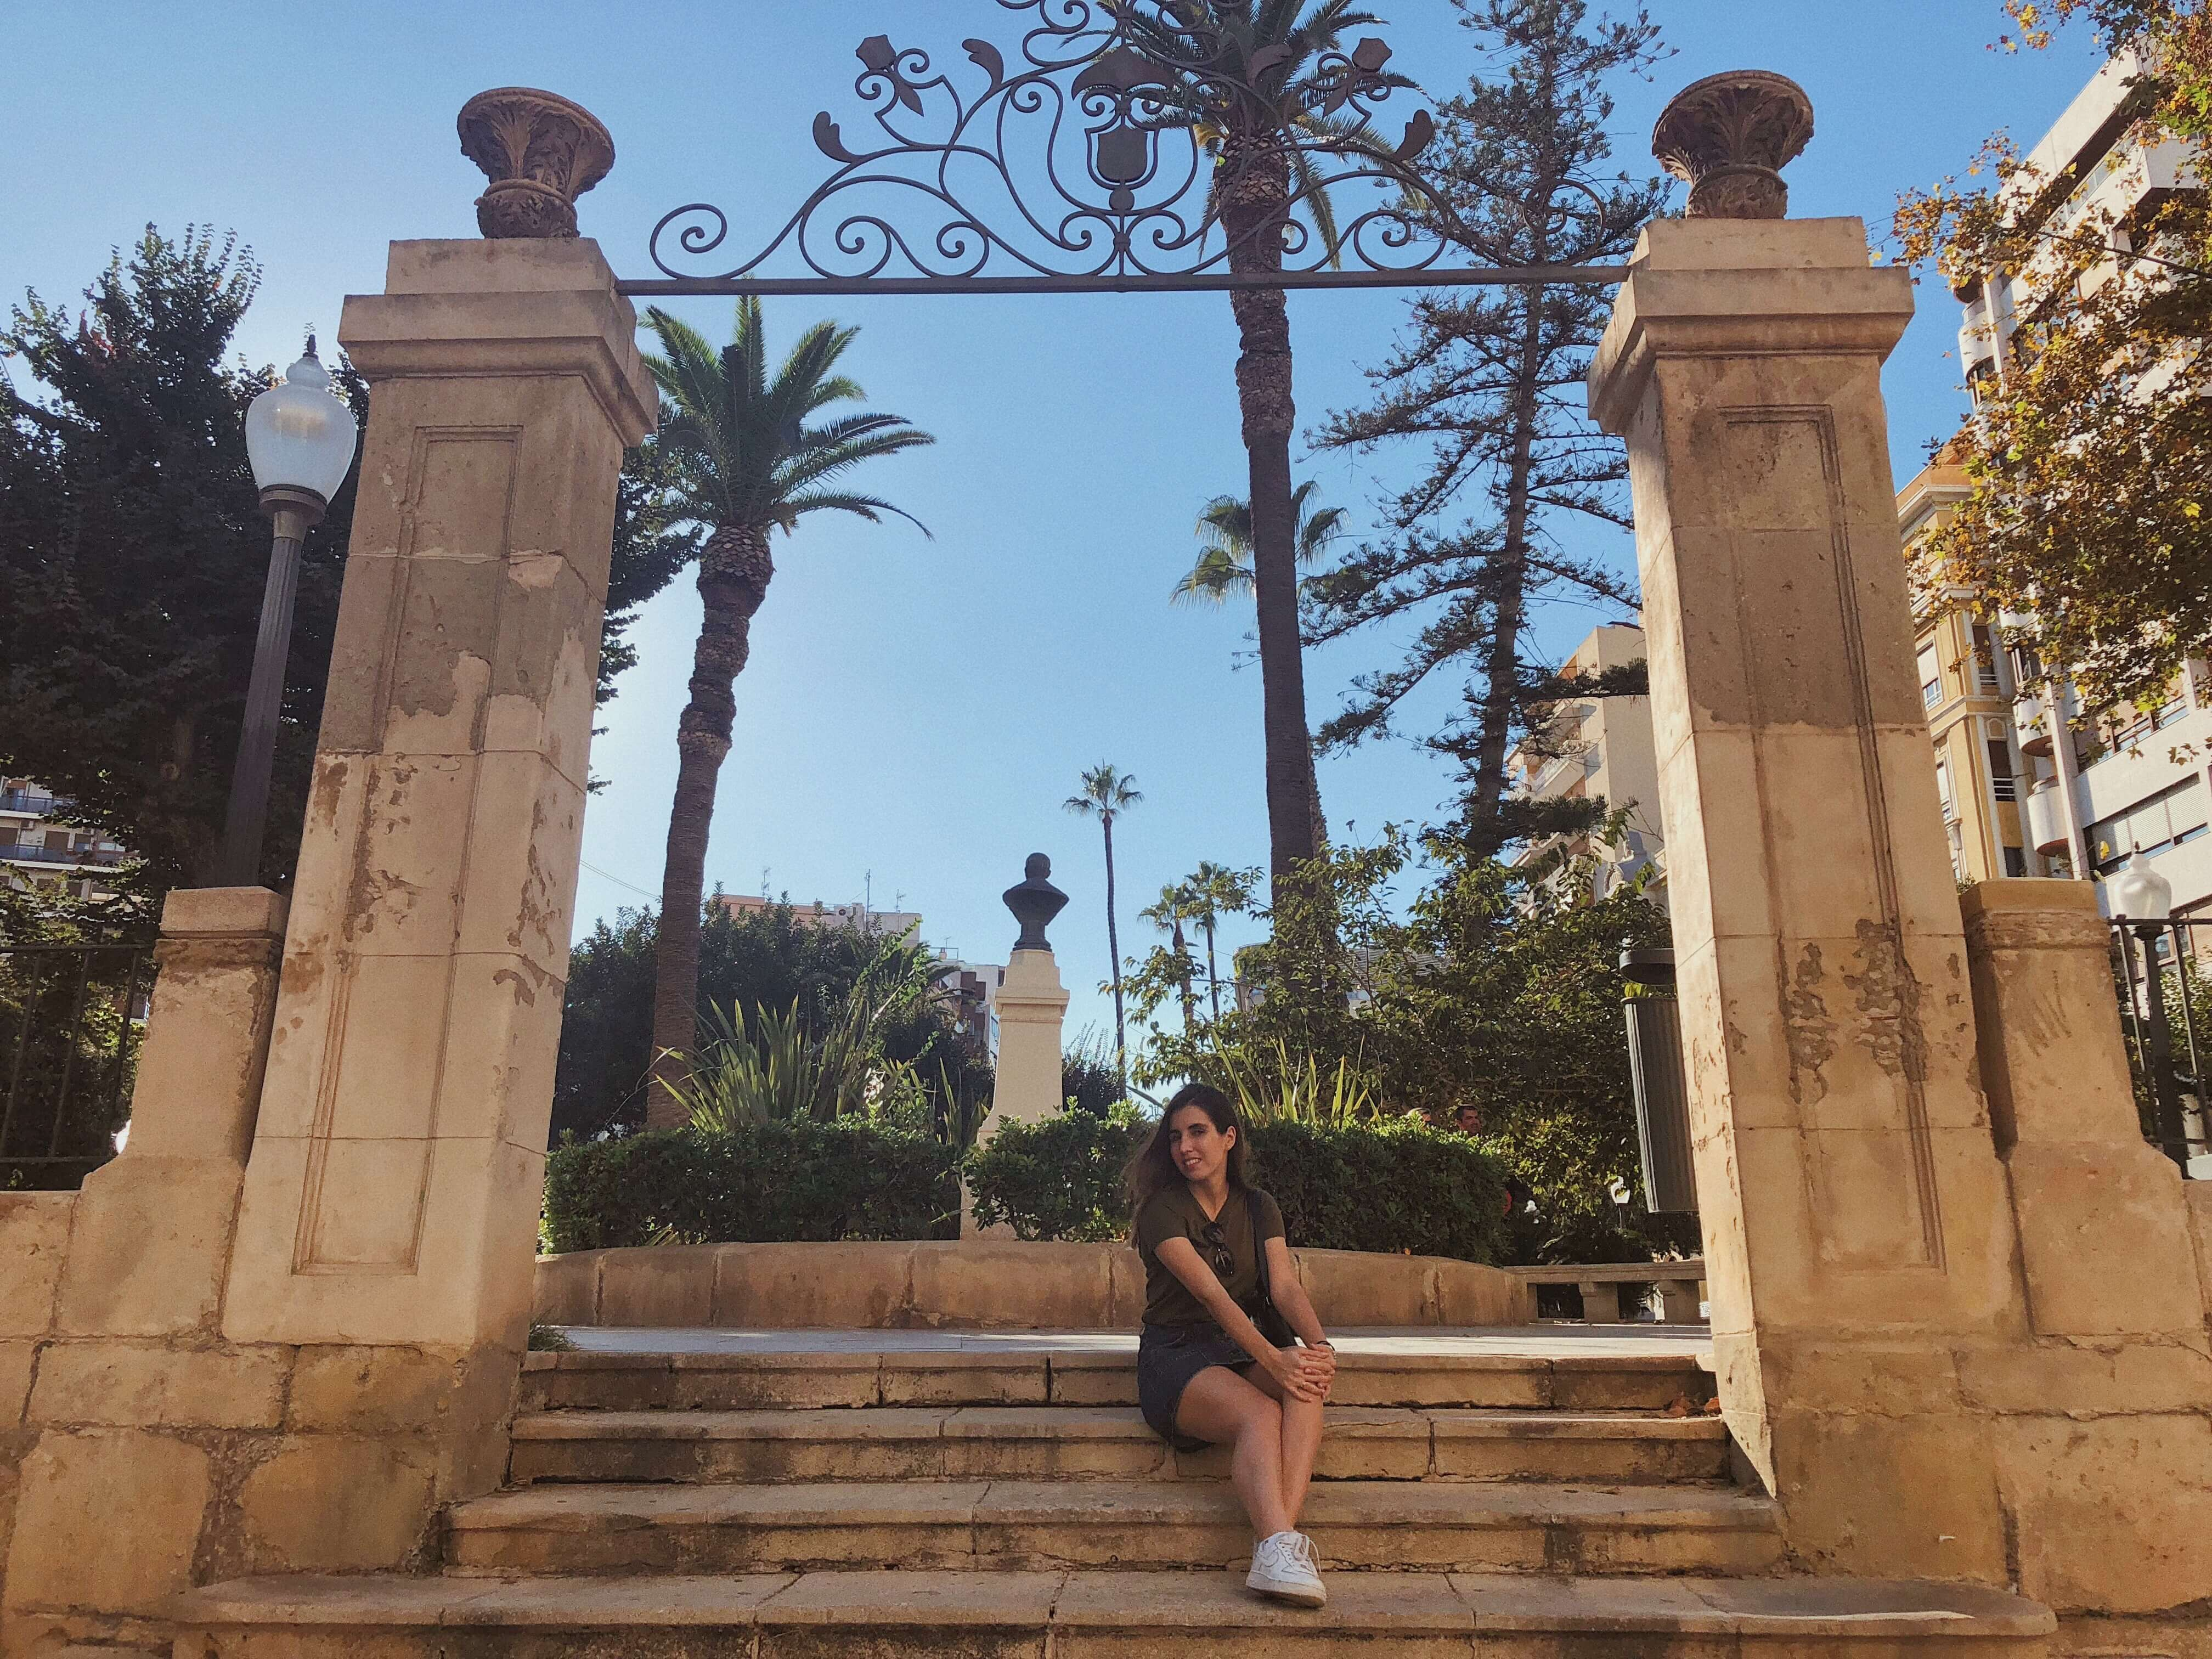 Что посмотреть в Аликанте? Аликанте в октябре. Достопримечательности Аликанте. Что посмотреть в Аликанте самостоятельно. Крепость Санта Барбара Аликанте.